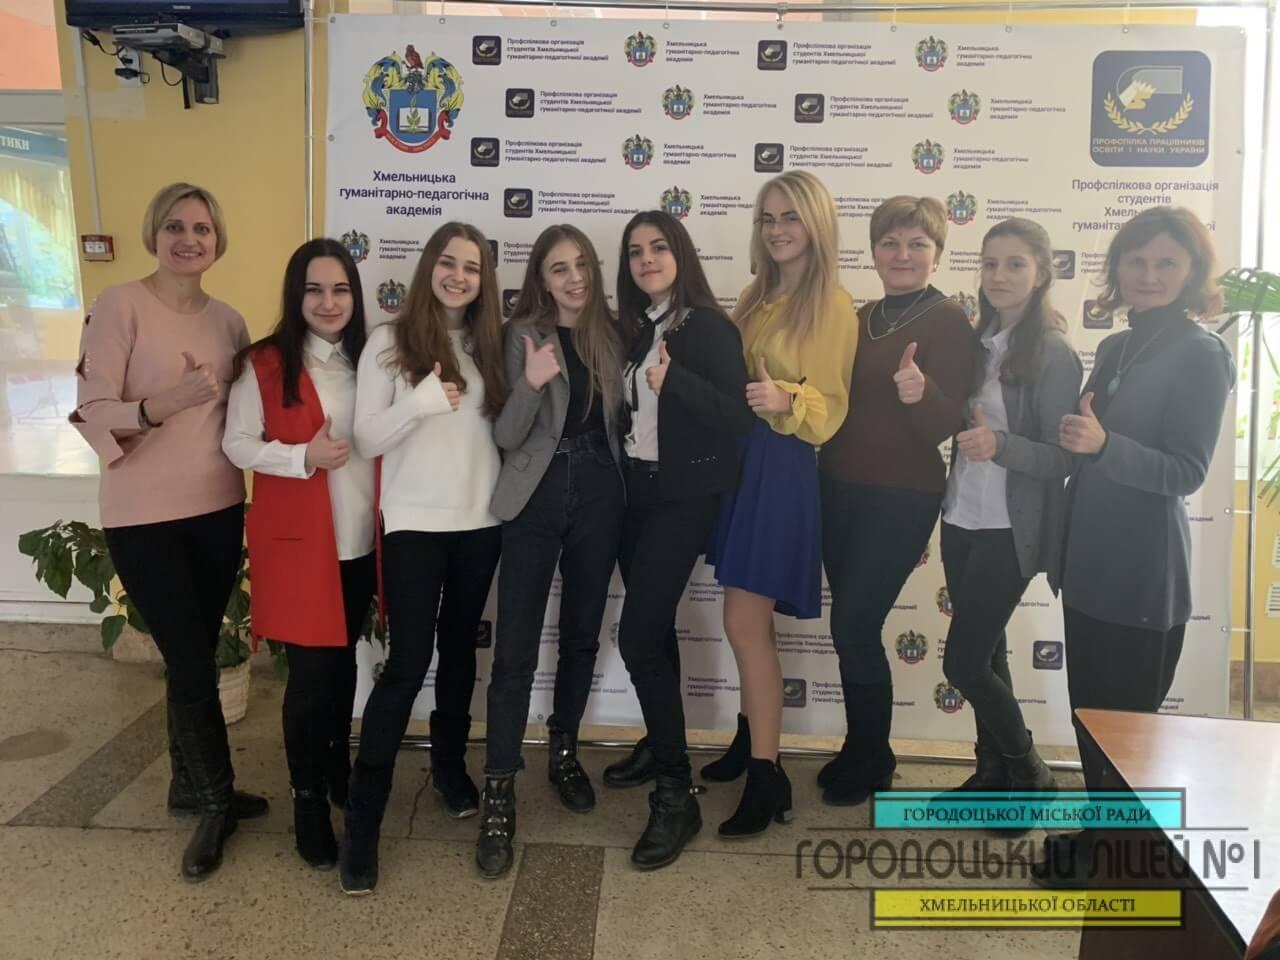 viber image 2019 02 16 19.06.02 - Кращих юних дослідників Городоцького ліцею№1 визначено